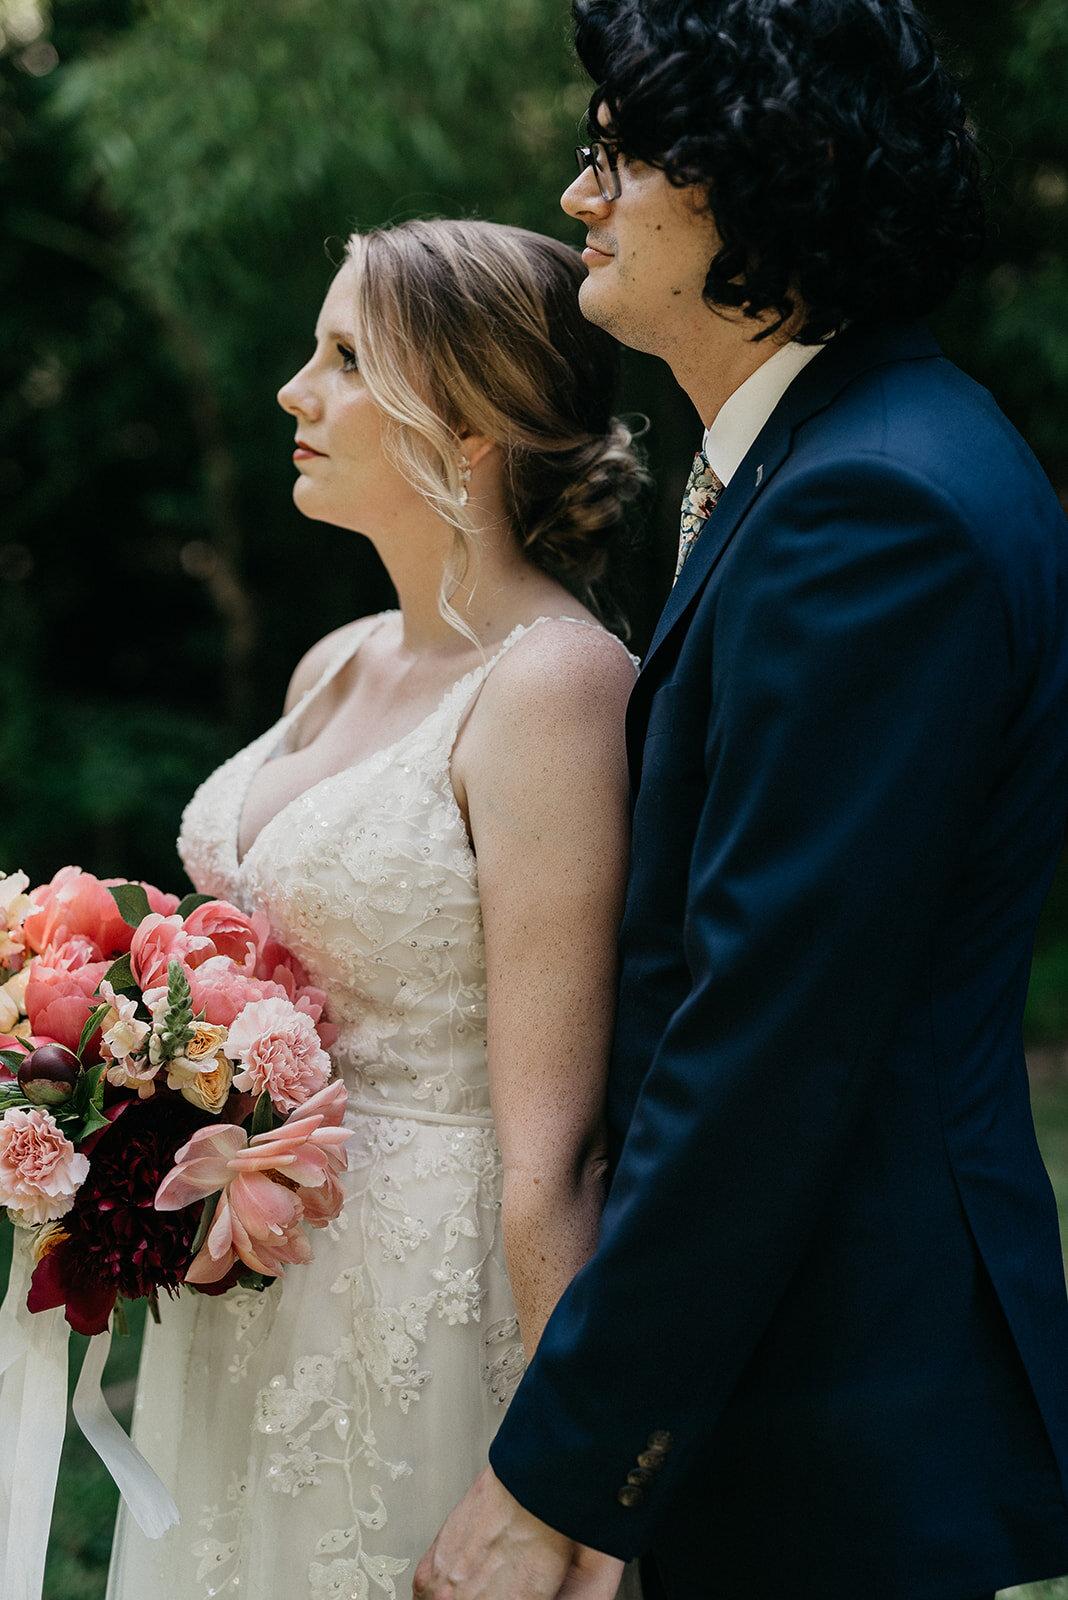 SaraKenny-Wedding-98.jpg